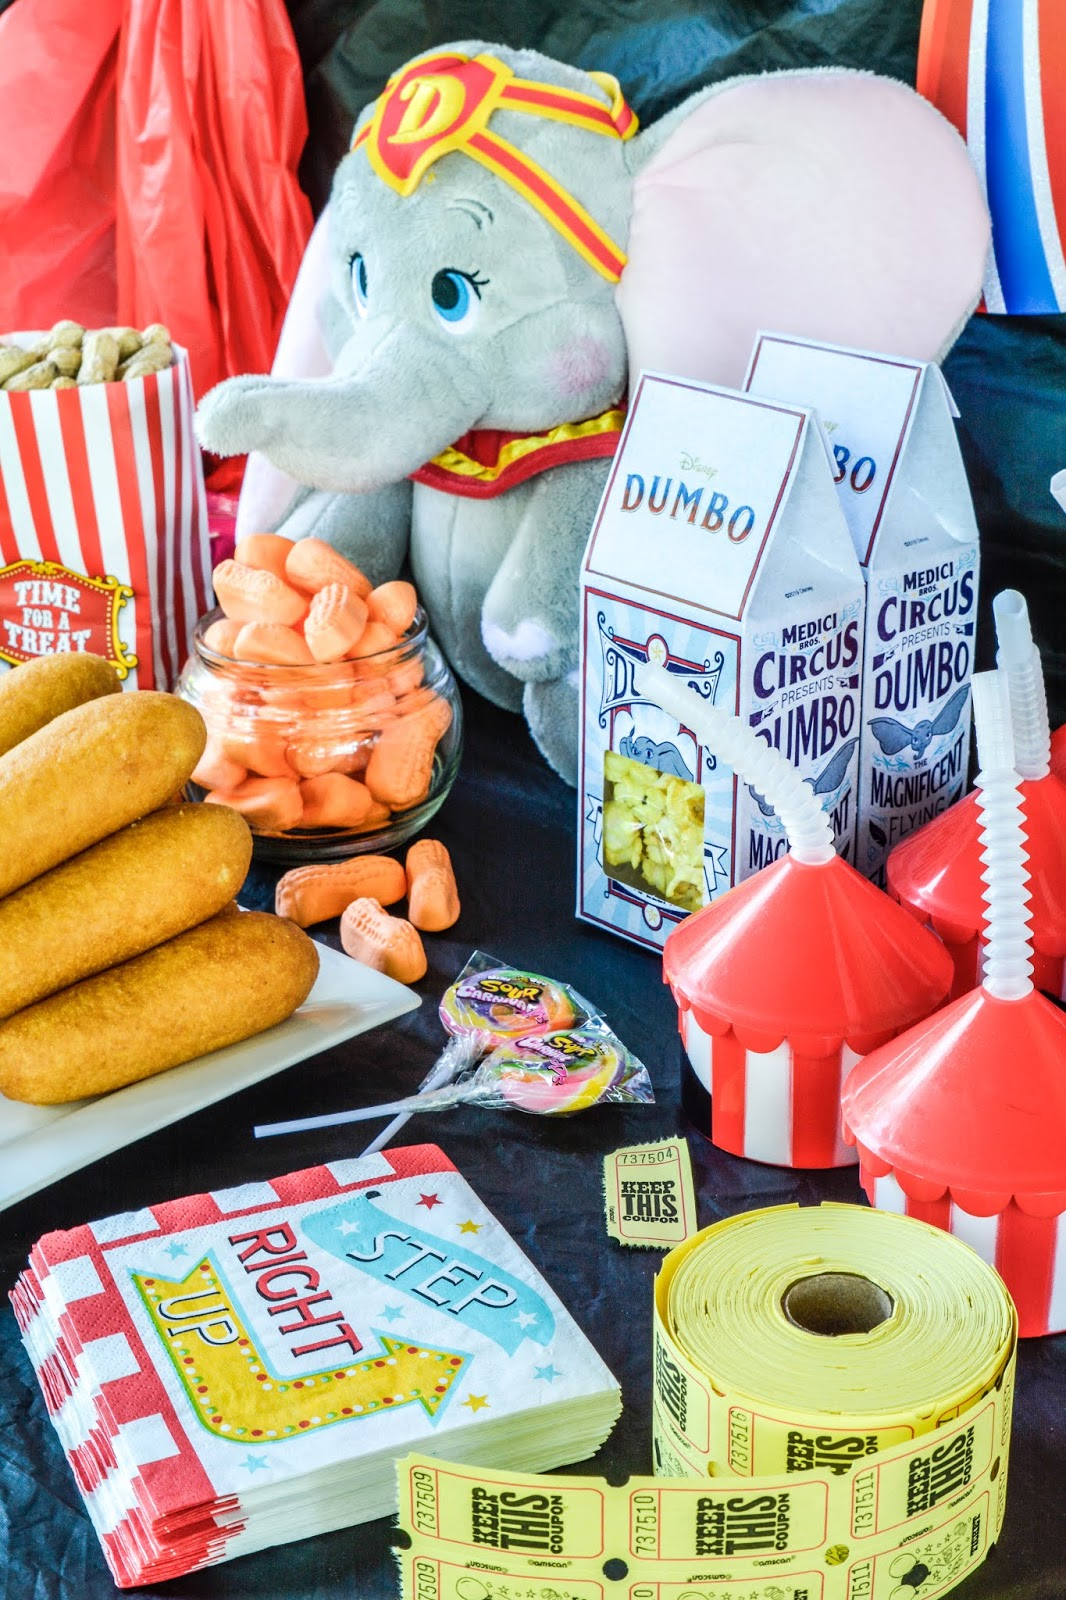 Dumbo party